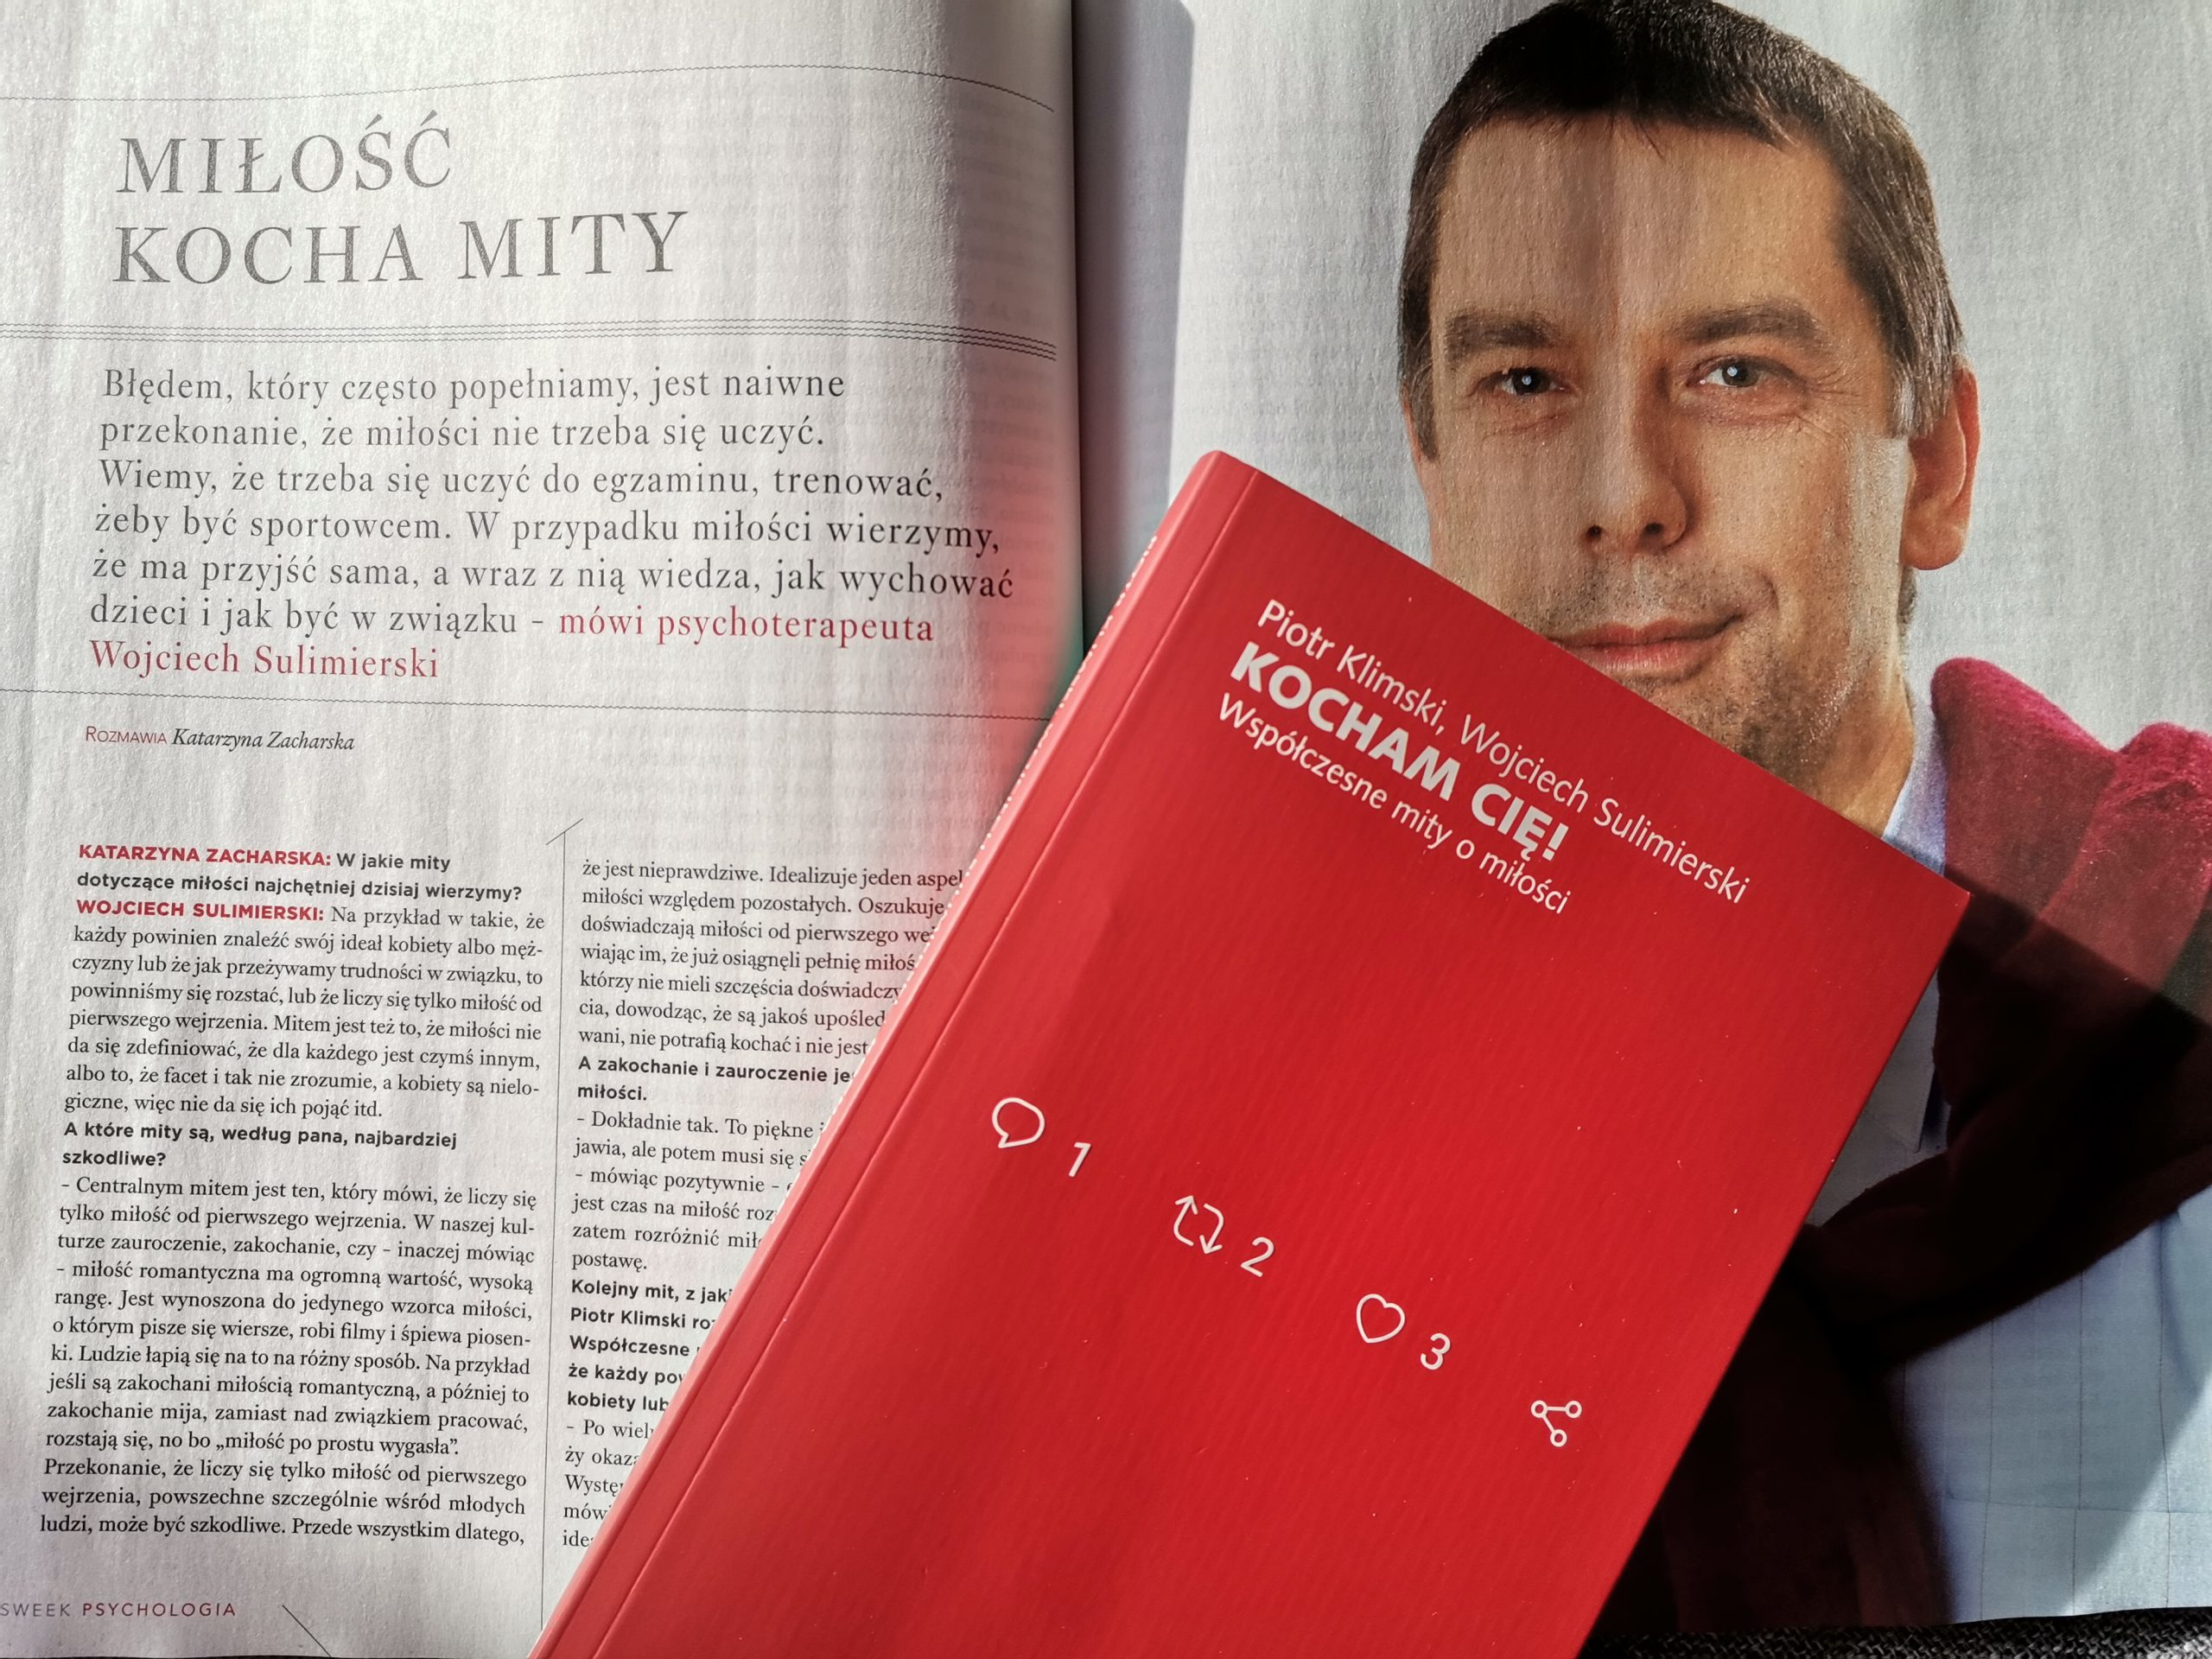 """Kocham Cię! w """"Newsweek Psychologia"""" (1/2021)"""